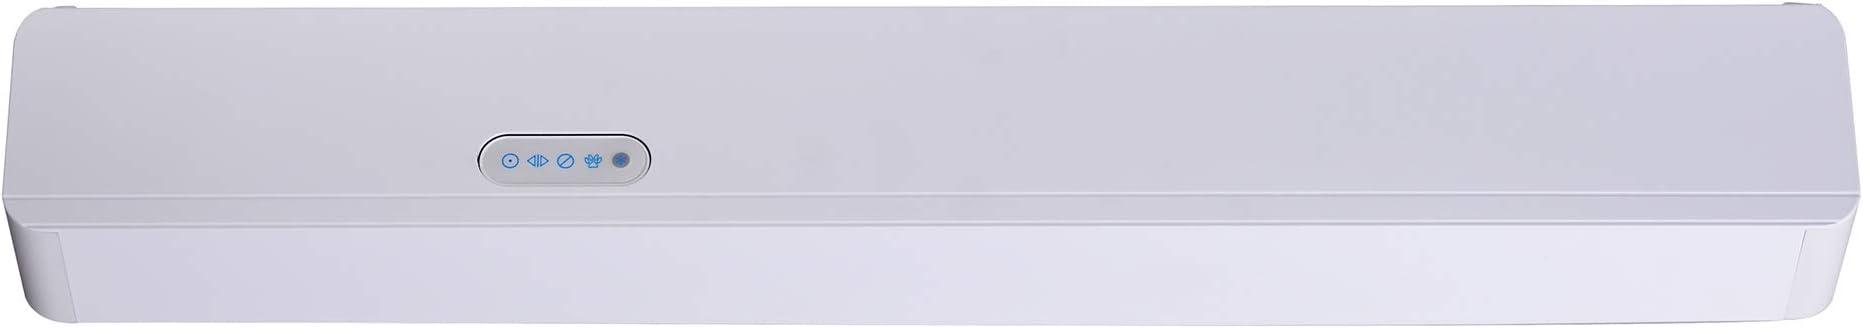 Operador automático de puerta corredera sin roca, abridor de puerta automático, operador eléctrico de puerta corredera, mecanismo de puerta automático (blanco): Amazon.es: Bricolaje y herramientas